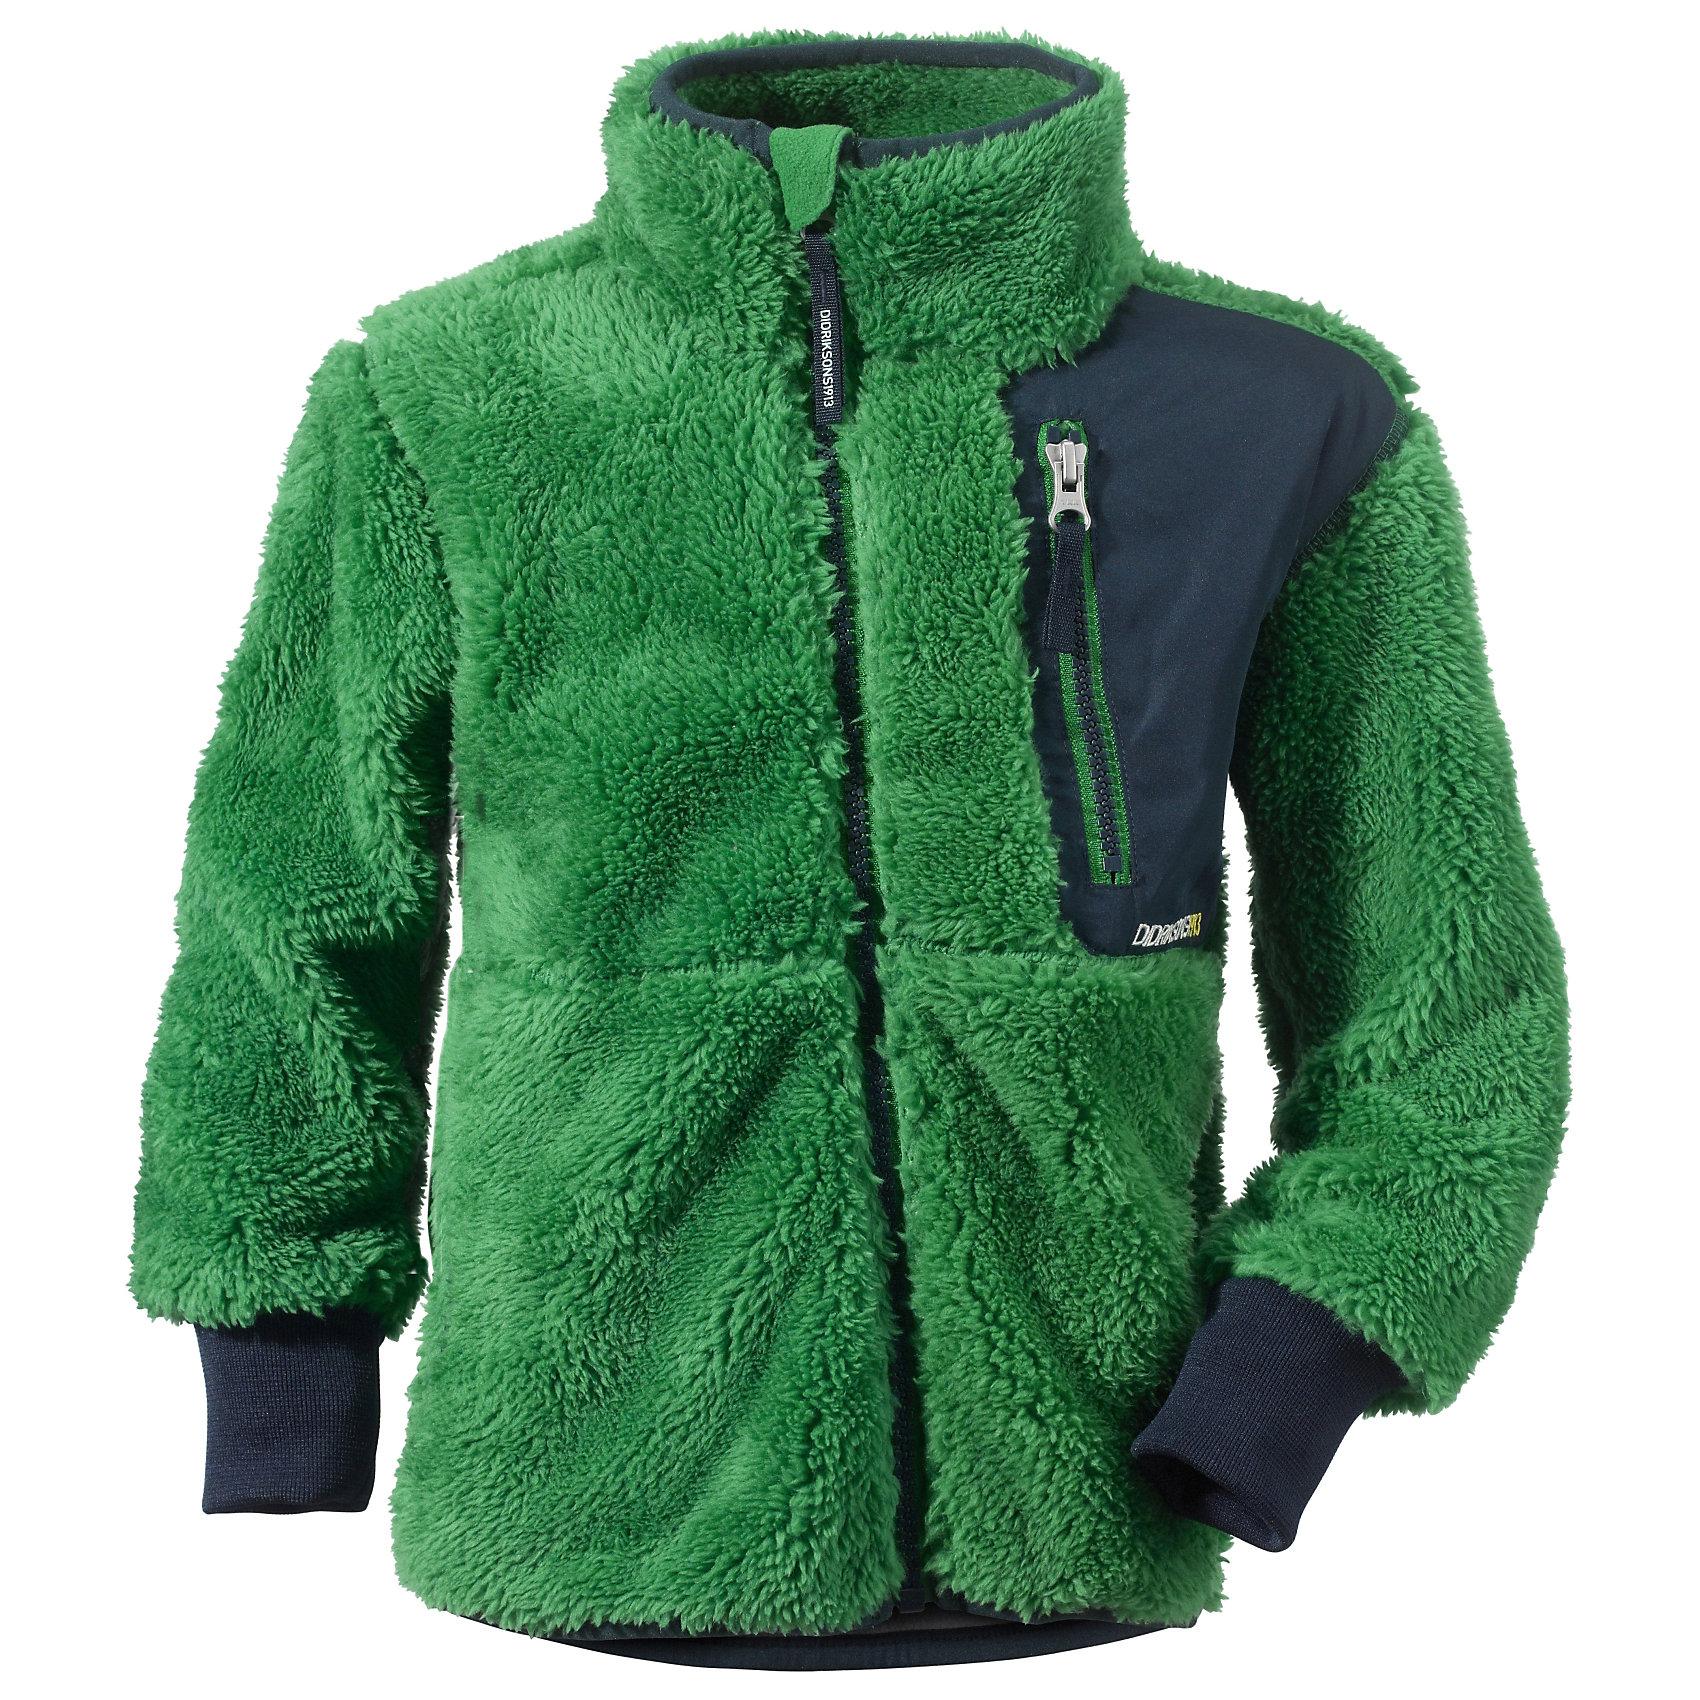 Толстовка флисовая Ciqala DIDRIKSONSТолстовки<br>Характеристики товара:<br><br>• цвет: зеленый<br>• материал: 100% полиэстер<br>• флис<br>• длинные рукава<br>• манжеты<br>• карман на груди<br>• ассиметричная фронтальная молния<br>• страна бренда: Швеция<br>• страна производства: Китай<br><br>Такие мягкие кофты сейчас очень популярны у детей! Это не только стильно, но еще и очень комфортно, а также тепло. Такая качественная кофта обеспечит ребенку удобство при прогулках и активном отдыхе в прохладные дне, в межсезонье или зимой. Такая модель от шведского производителя легко стирается, подходит под разные погодные условия.<br>Кофта сшита из качественной мягкой ткани, которая позволяет телу дышать, она очень приятна на ощупь. Очень стильная и удобная модель! Изделие качественно выполнено, сделано из безопасных для детей материалов. <br><br>Куртку от бренда DIDRIKSONS можно купить в нашем интернет-магазине.<br><br>Ширина мм: 356<br>Глубина мм: 10<br>Высота мм: 245<br>Вес г: 519<br>Цвет: зеленый<br>Возраст от месяцев: 72<br>Возраст до месяцев: 84<br>Пол: Унисекс<br>Возраст: Детский<br>Размер: 120,130,110,140,100,90,80<br>SKU: 5043835